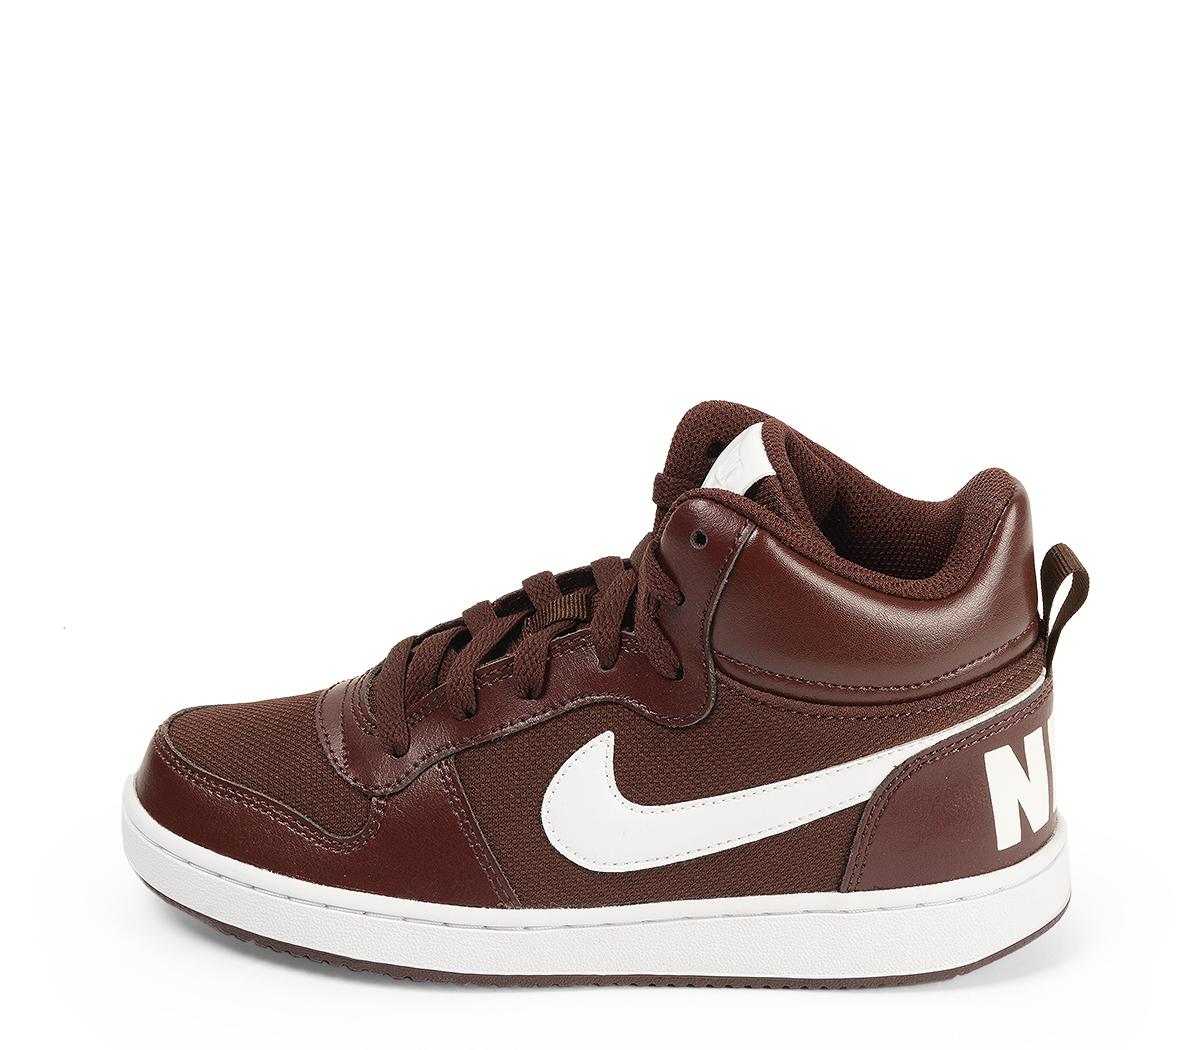 Ref. 4557 Nike de botín combinada en tela y piel color burdeos. Cordones al tono. Simbolo lateral y trasero en piel blanca. Suela blanca. Altura de caña 10 cm.